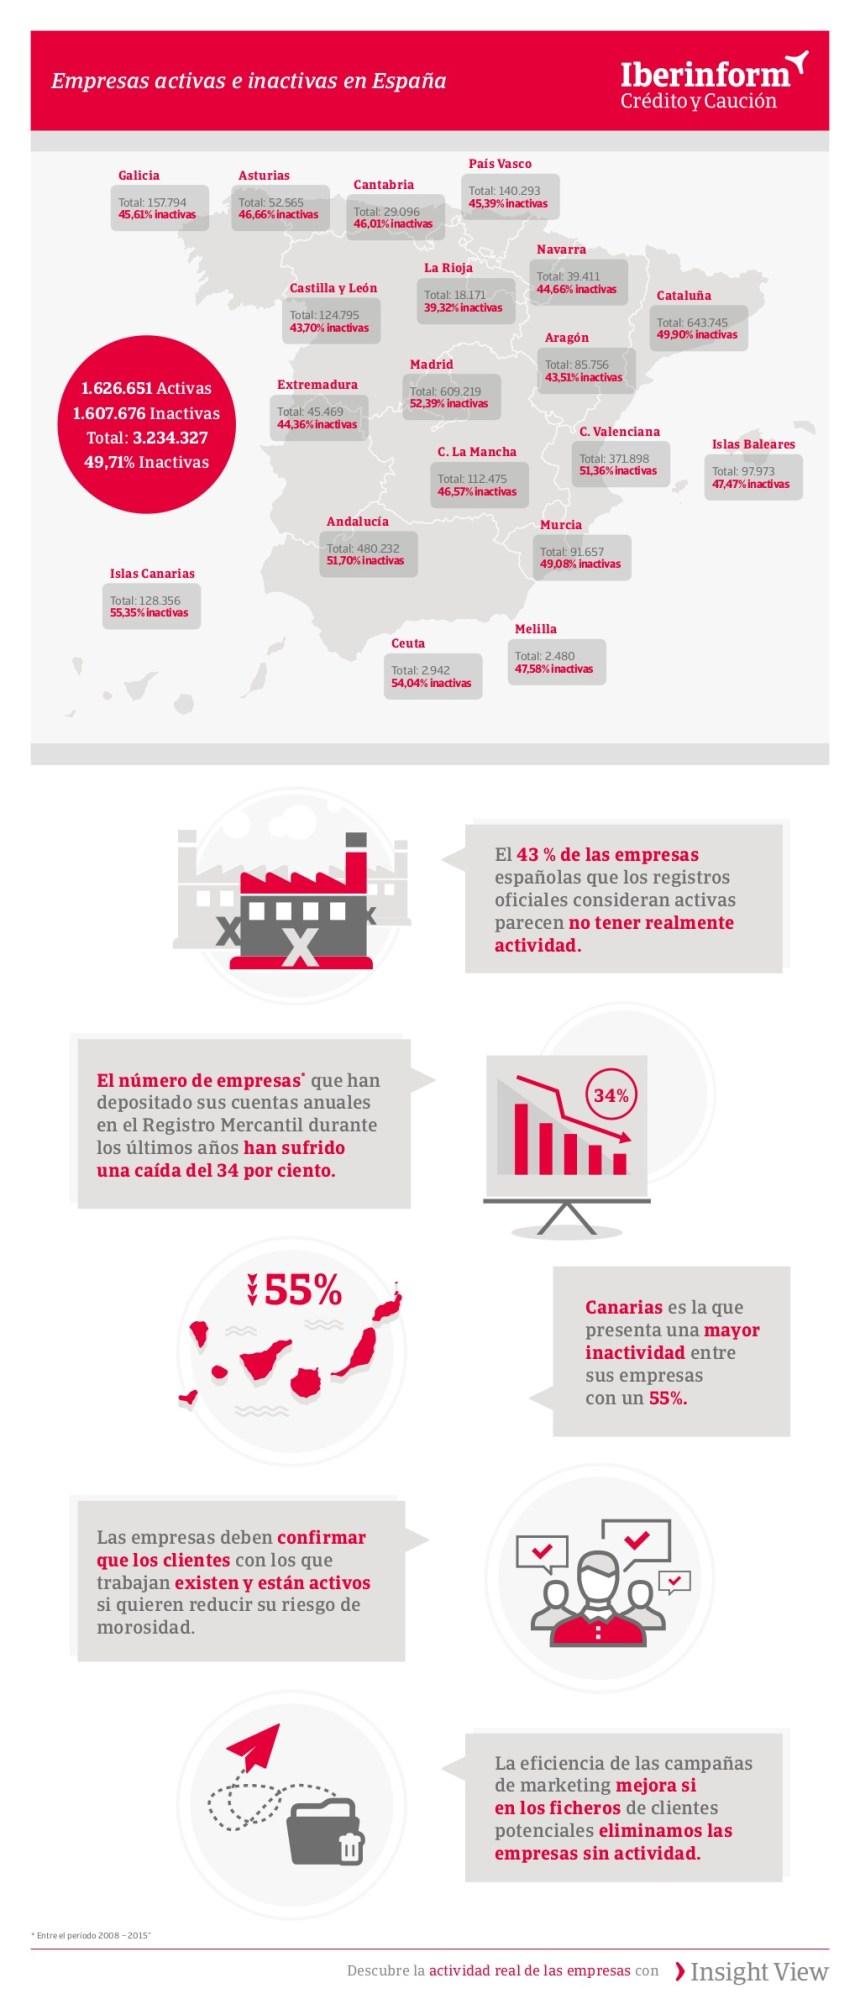 Empresas inactivas en España